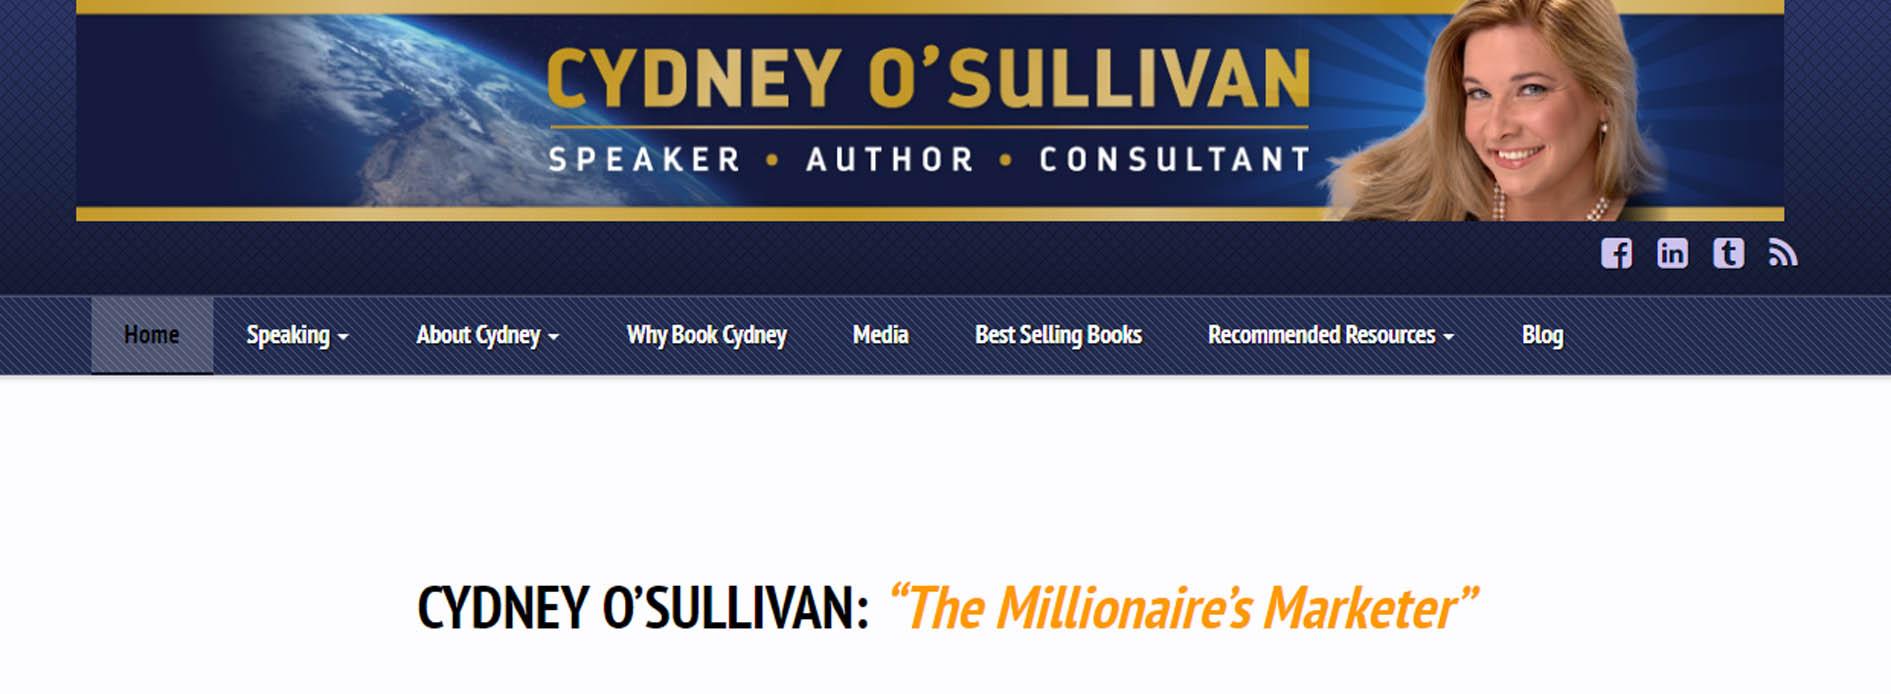 Cydney O'Sullivan